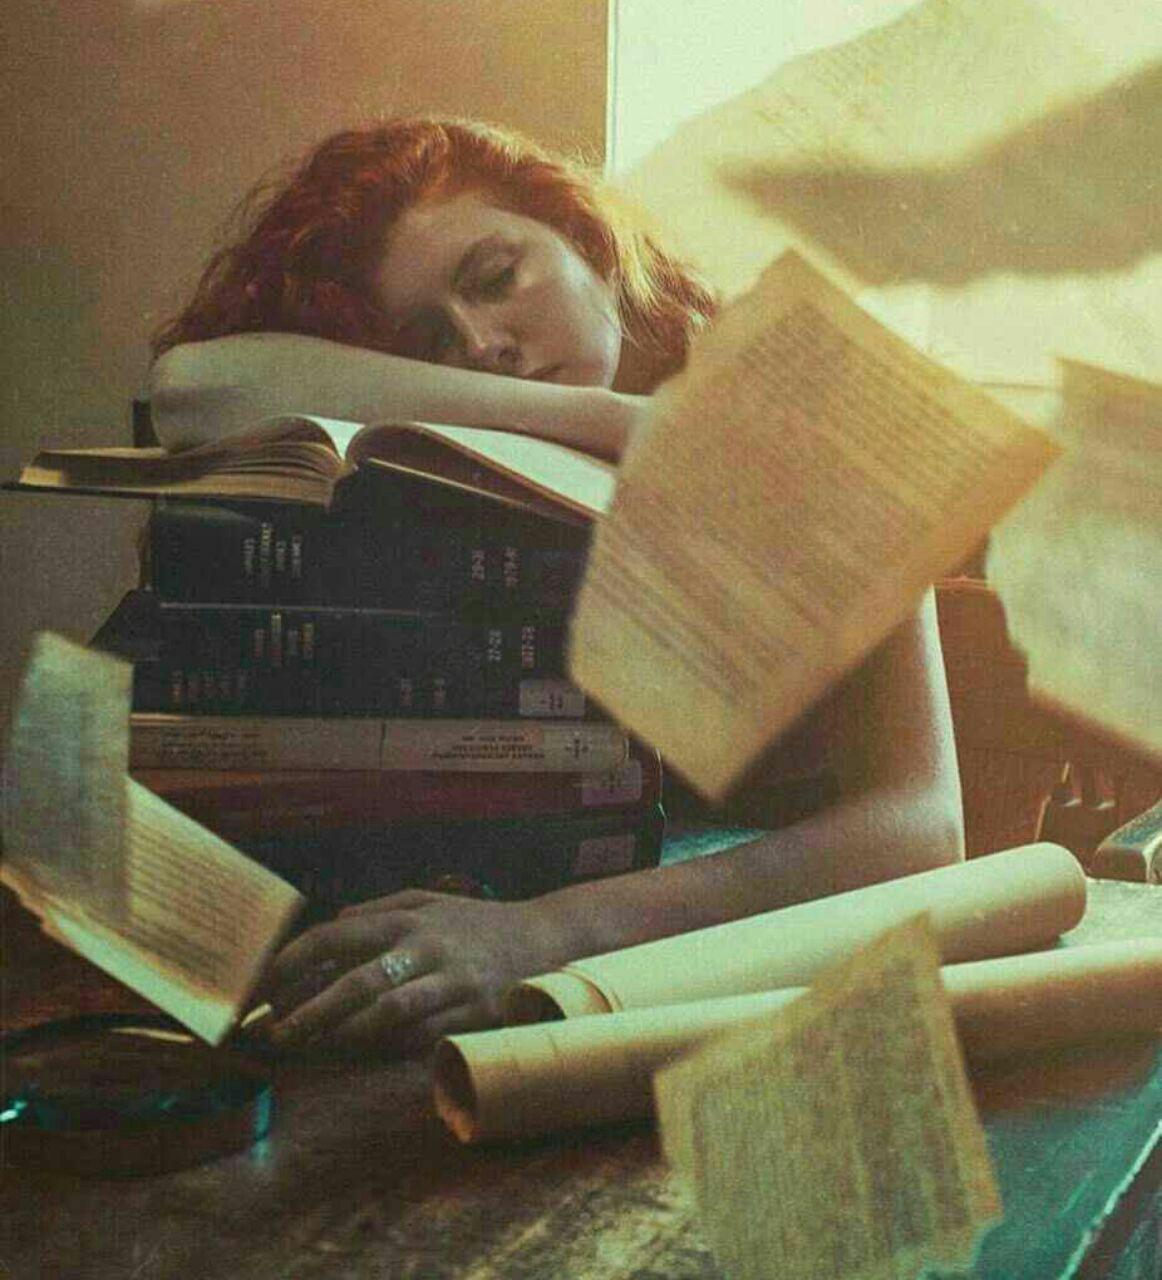 «شعر» گفتم که زِدل بر دارم بارِ سنگینِ غـمِ عشقش را  «شعر» خود جلوهای از رویش شد با که گویم «ستـمِ عشقش» را الناز33